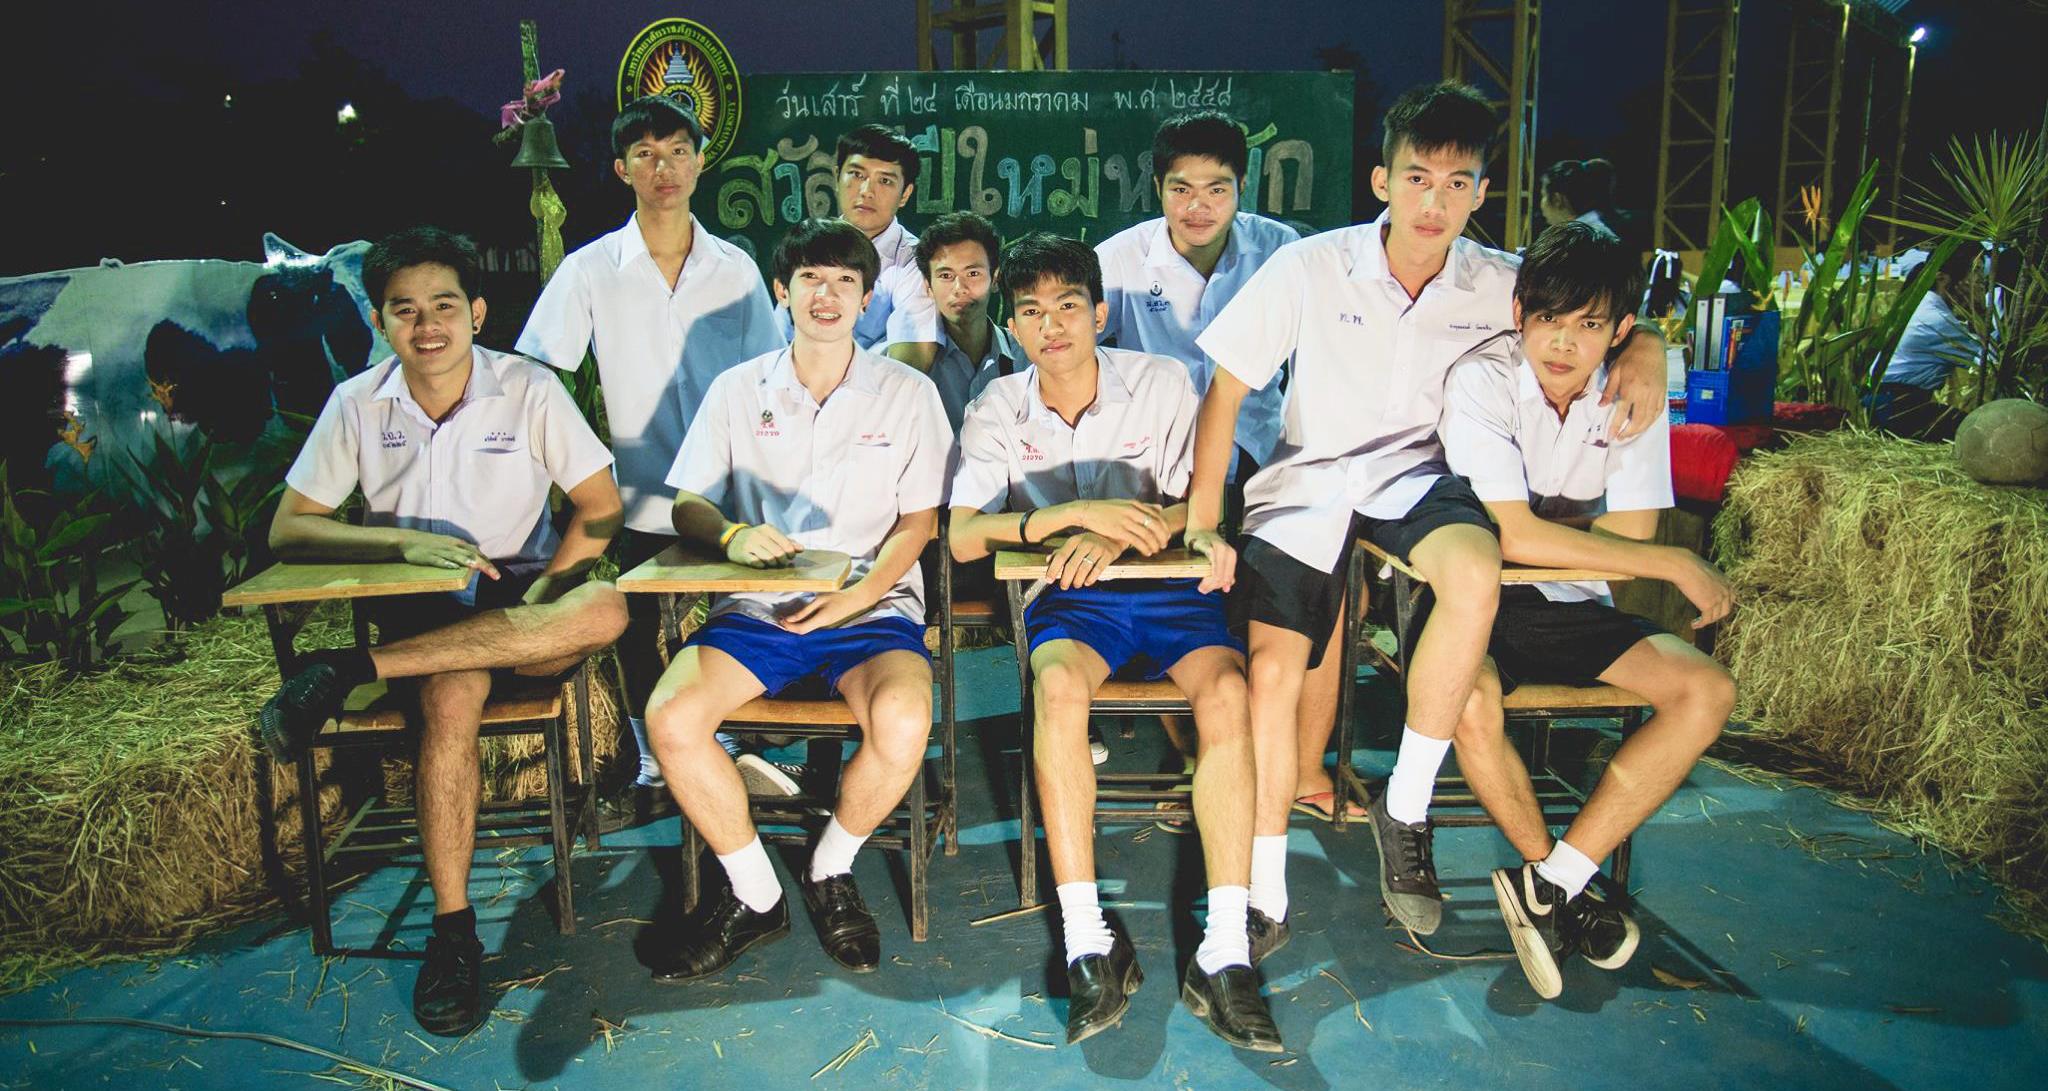 การรับสมัครนักศึกษาใหม่ ประจำปีการศึกษา 2560